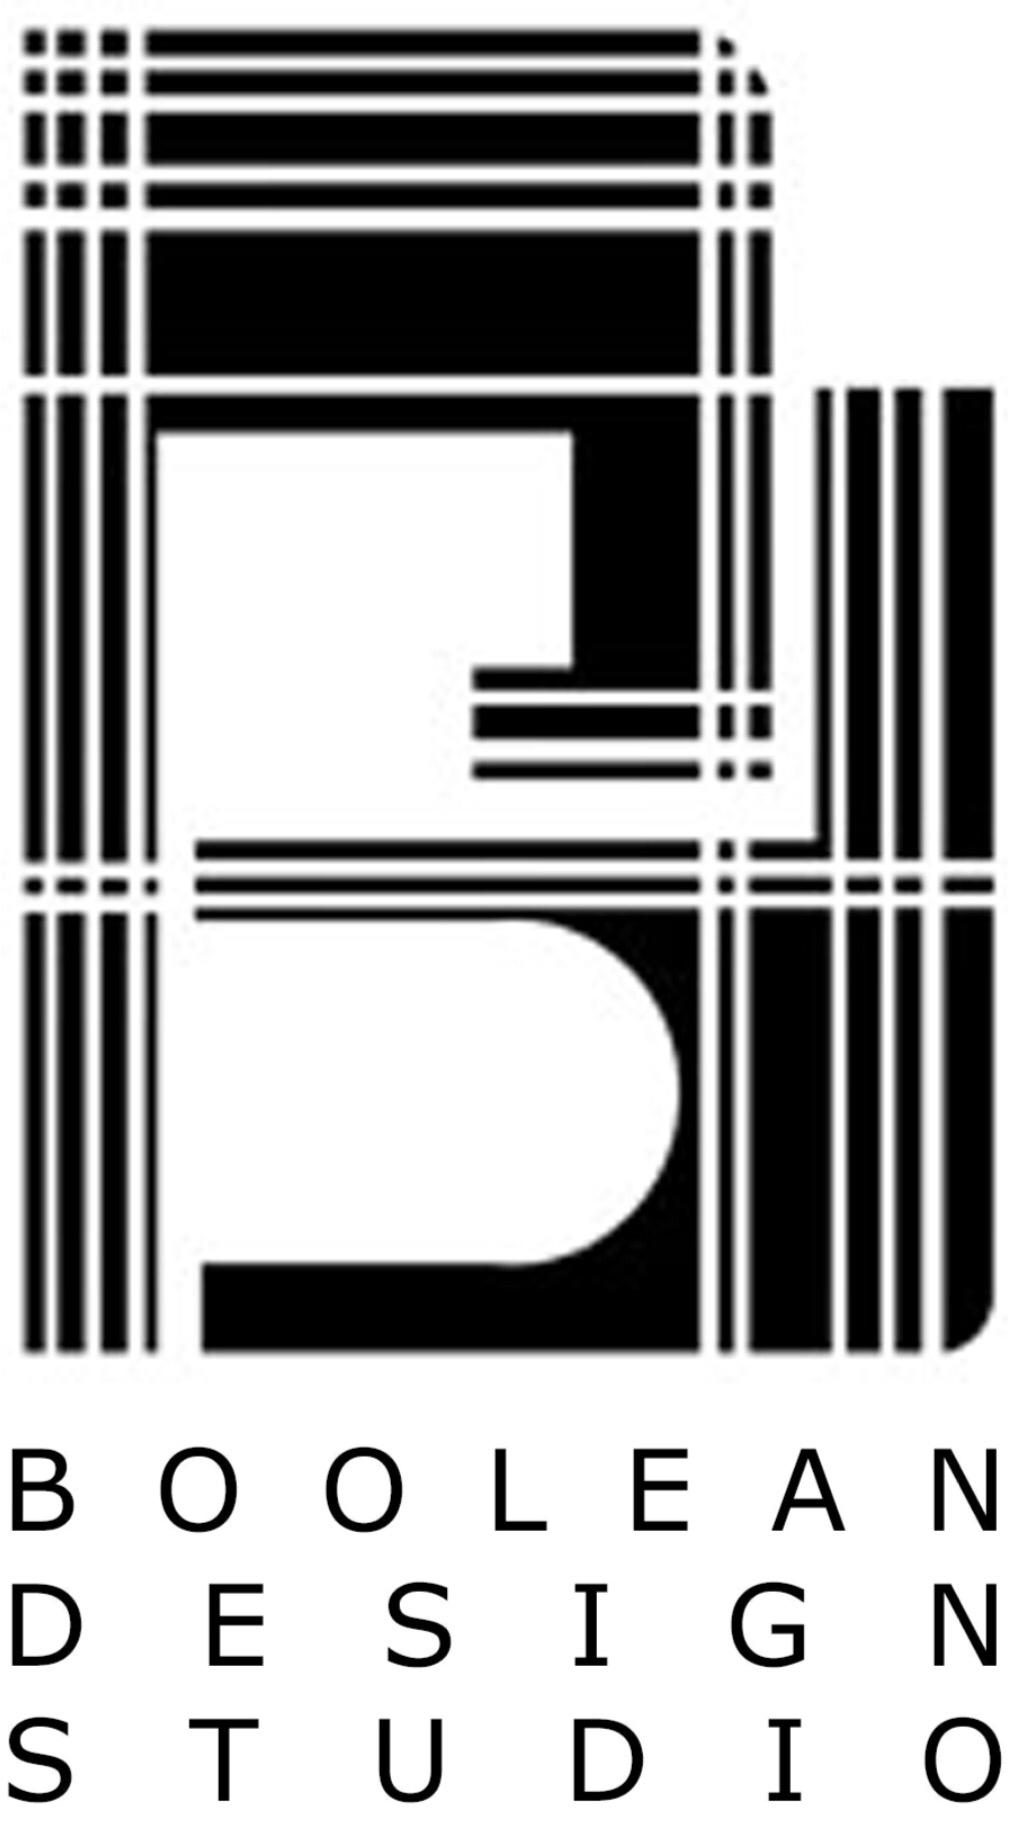 Boolean Design Studio